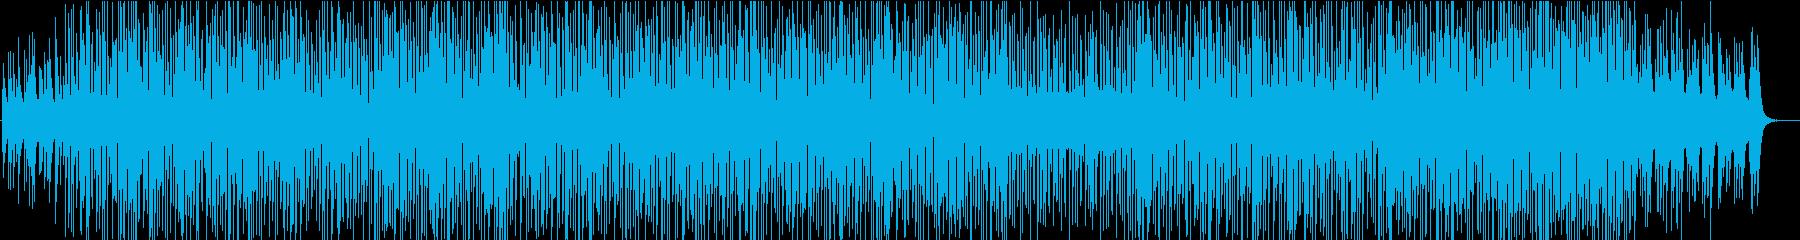 レトロなドラムマシンとピアノソロが漂う曲の再生済みの波形